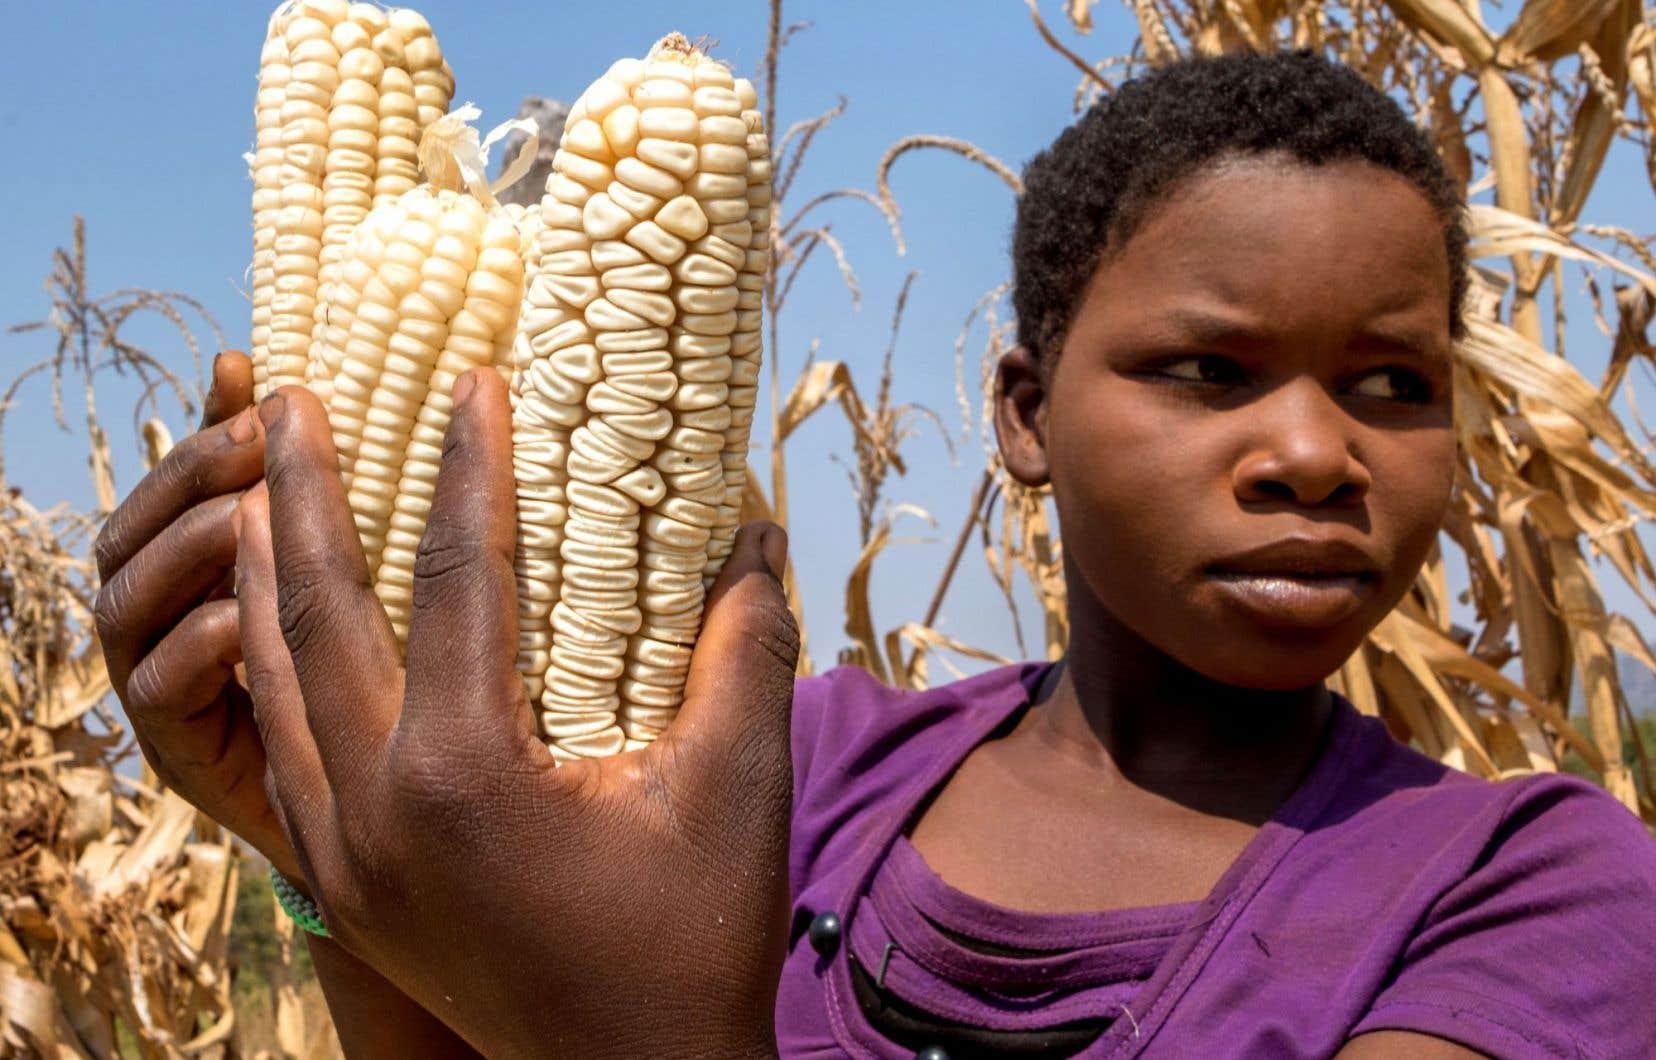 Le quart des Zimbabwéens sont en situation d'insécurité alimentaire, soit 2,44 millions de personnes.